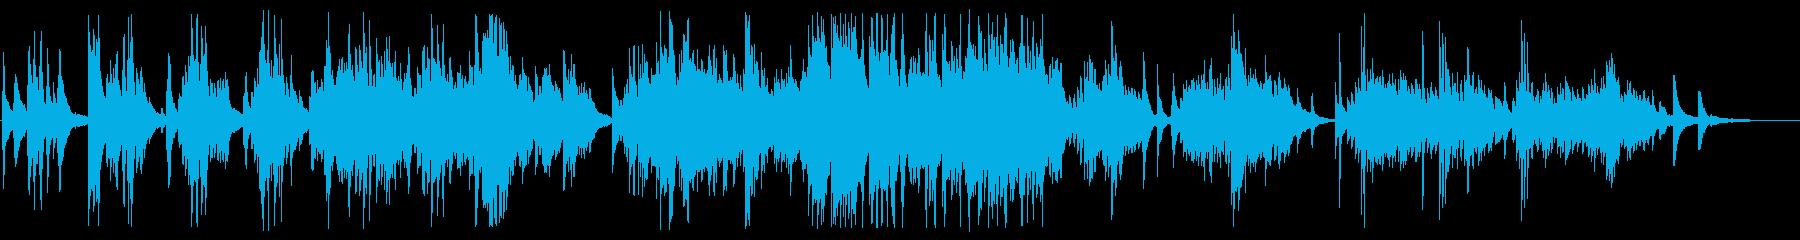 優雅で美しいピアノBGMの再生済みの波形